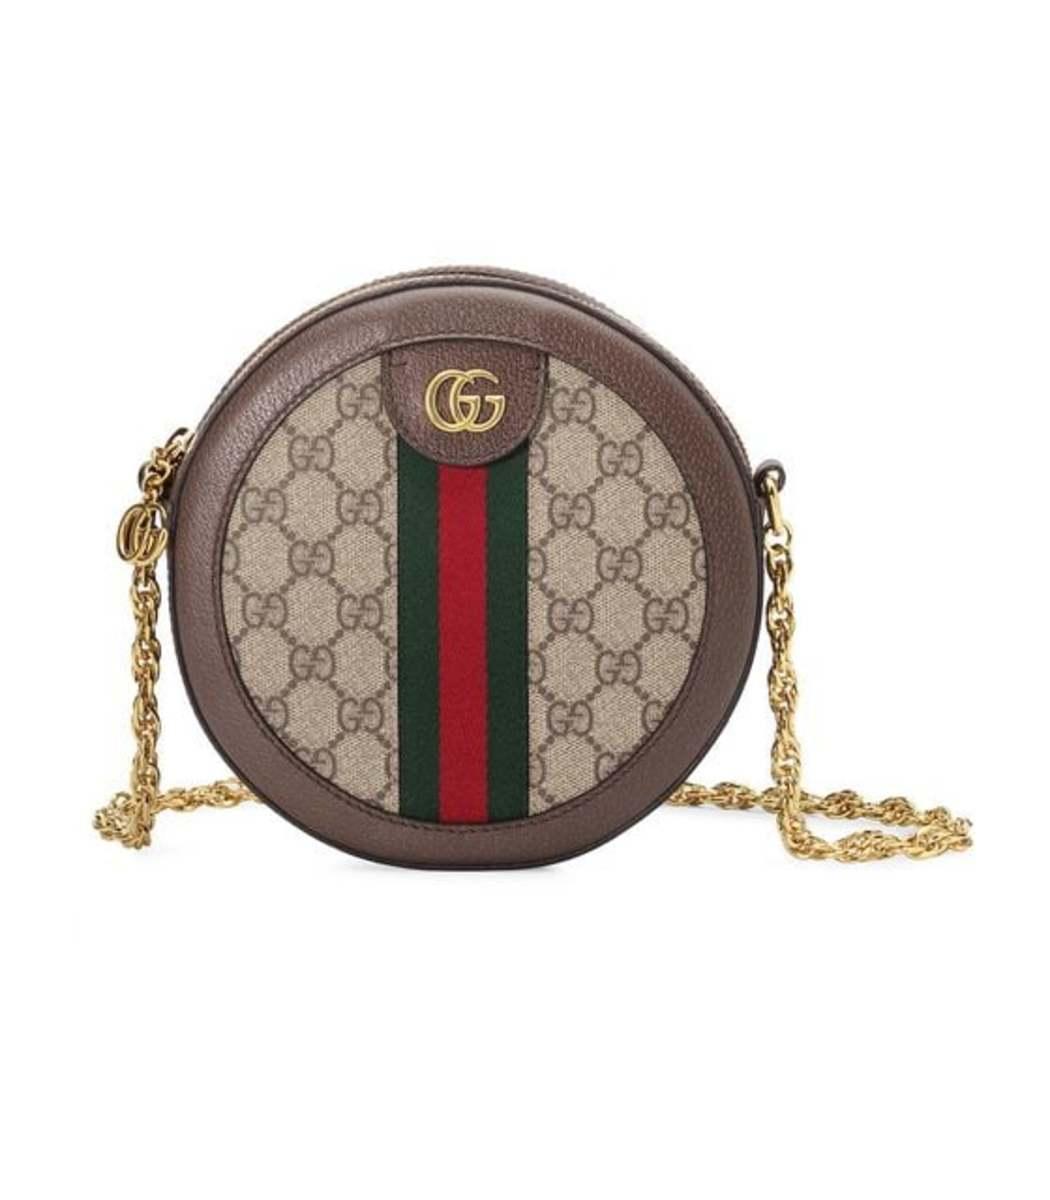 e92e418e2da Gucci Ophidia Round Mini GG Canvas Shoulder Bag - ShopBAZAAR